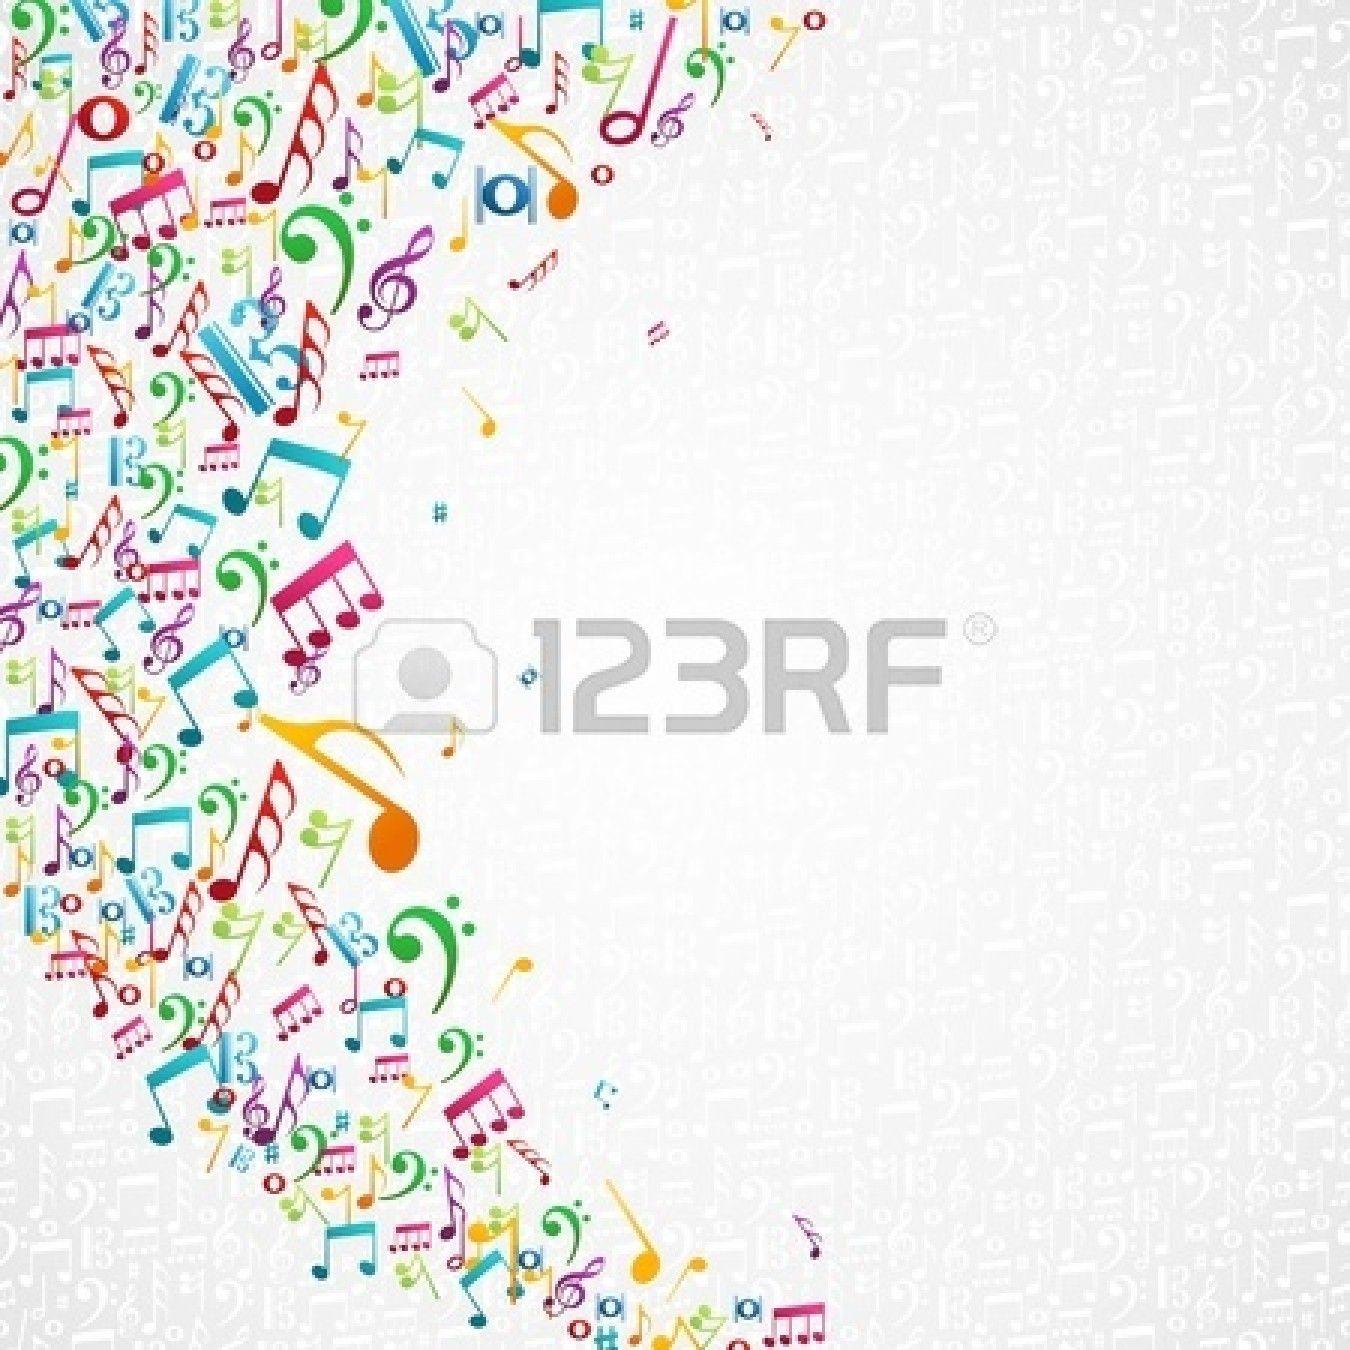 Musikverein Gisingen - Beiträge   Facebook